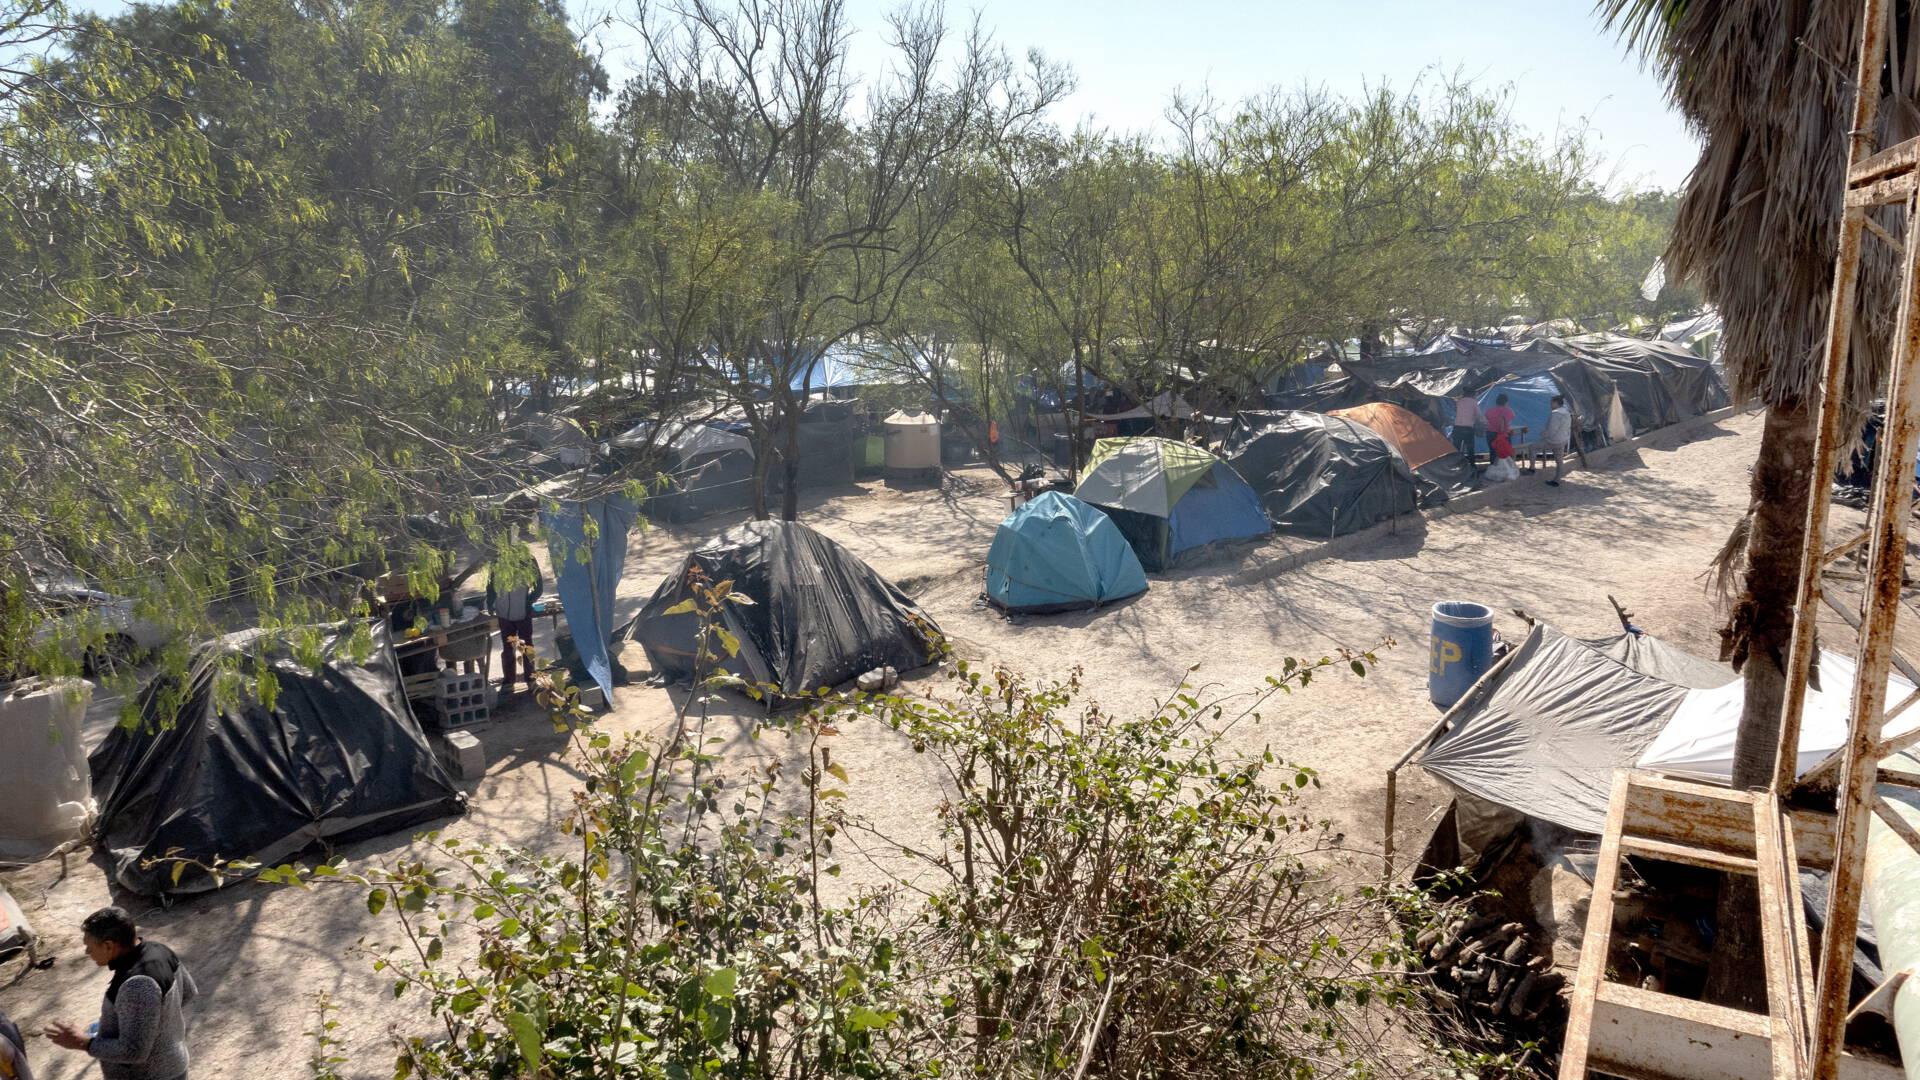 في ظل حكومة بايدن، يُسمح للمهاجرين بانتظار طلبات اللجوء في الولايات المتحدة